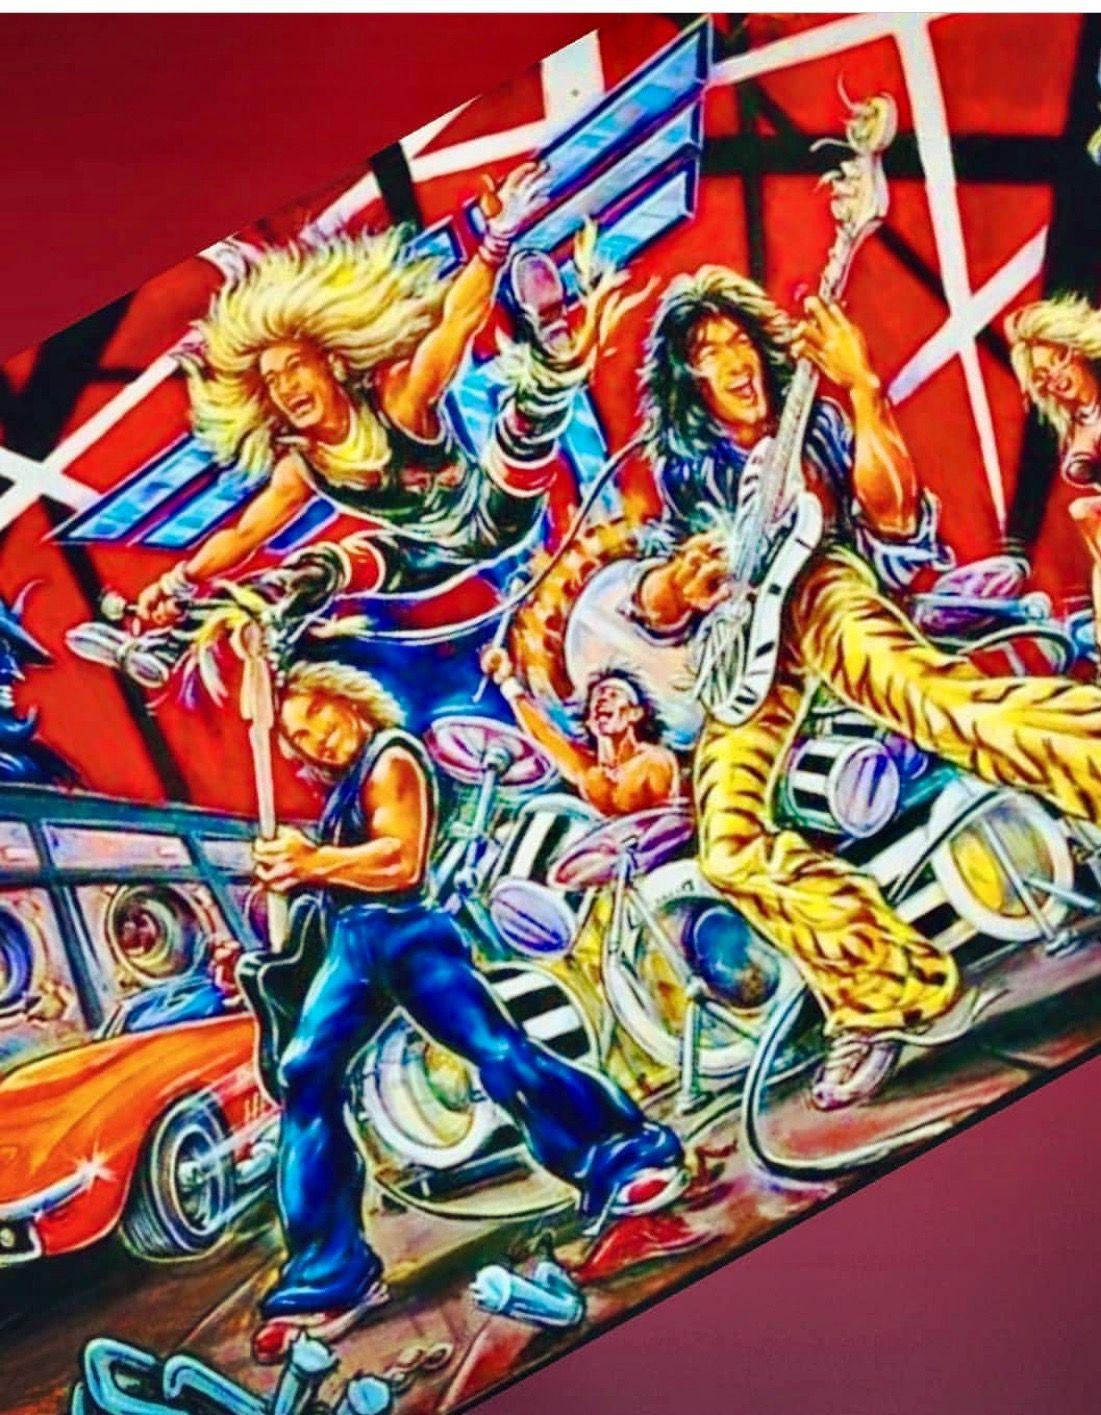 Van Halen Van Halen Eddie Van Halen Album Cover Art